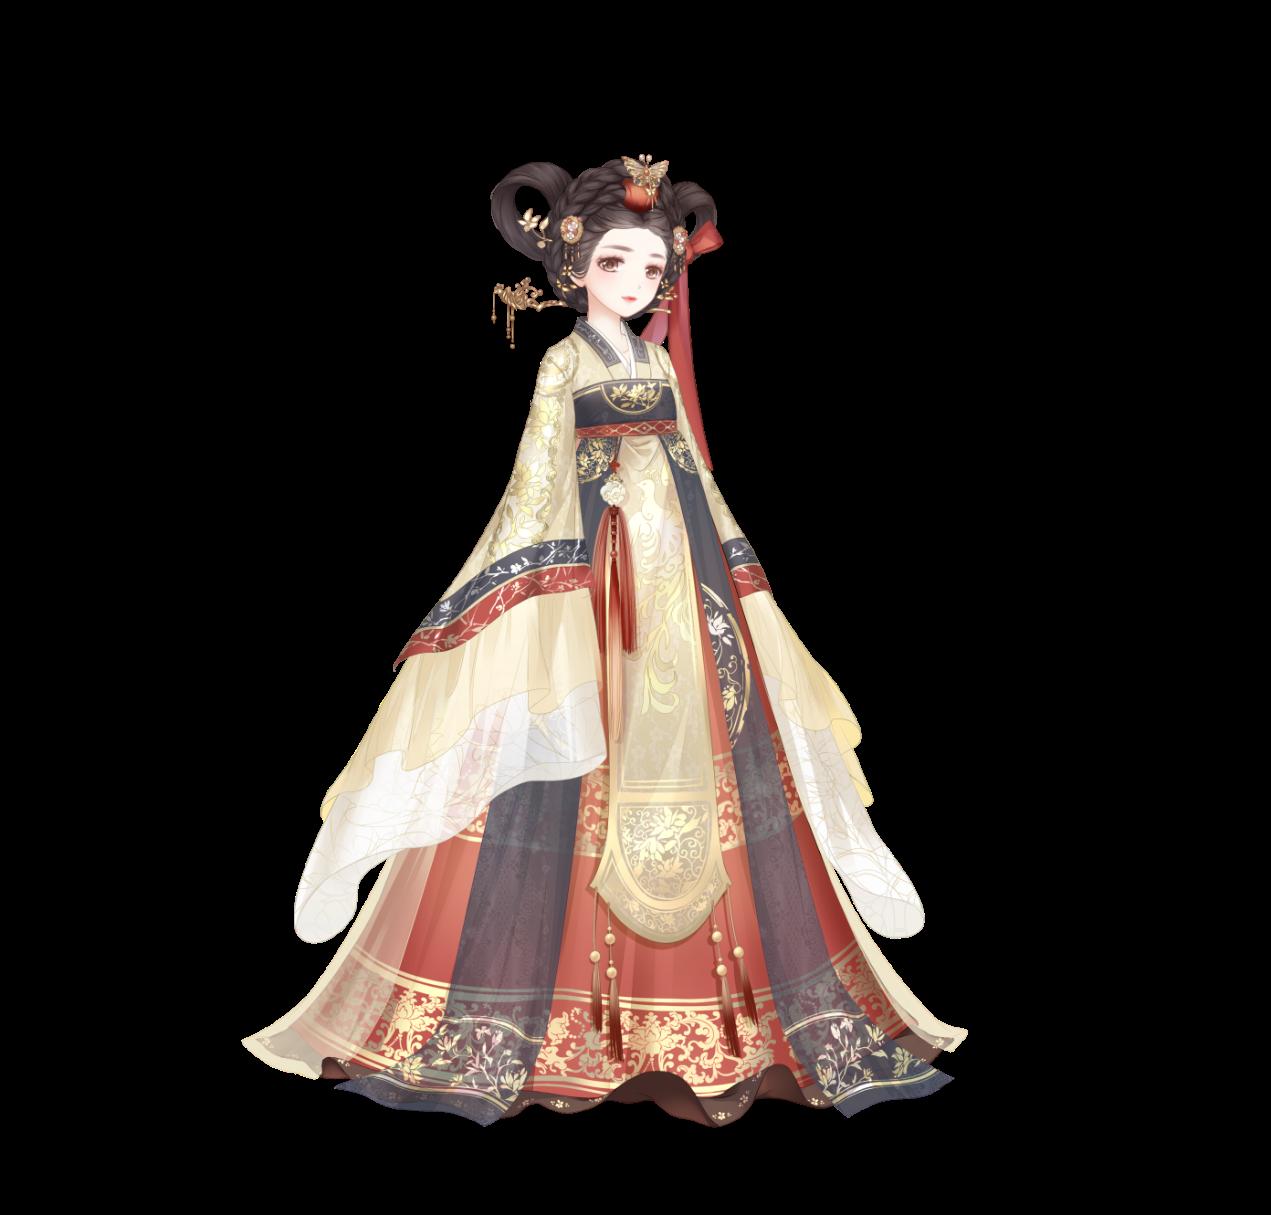 《奇迹暖暖》韓國王妃套裝【聖槿元熙】,台版正式登場!